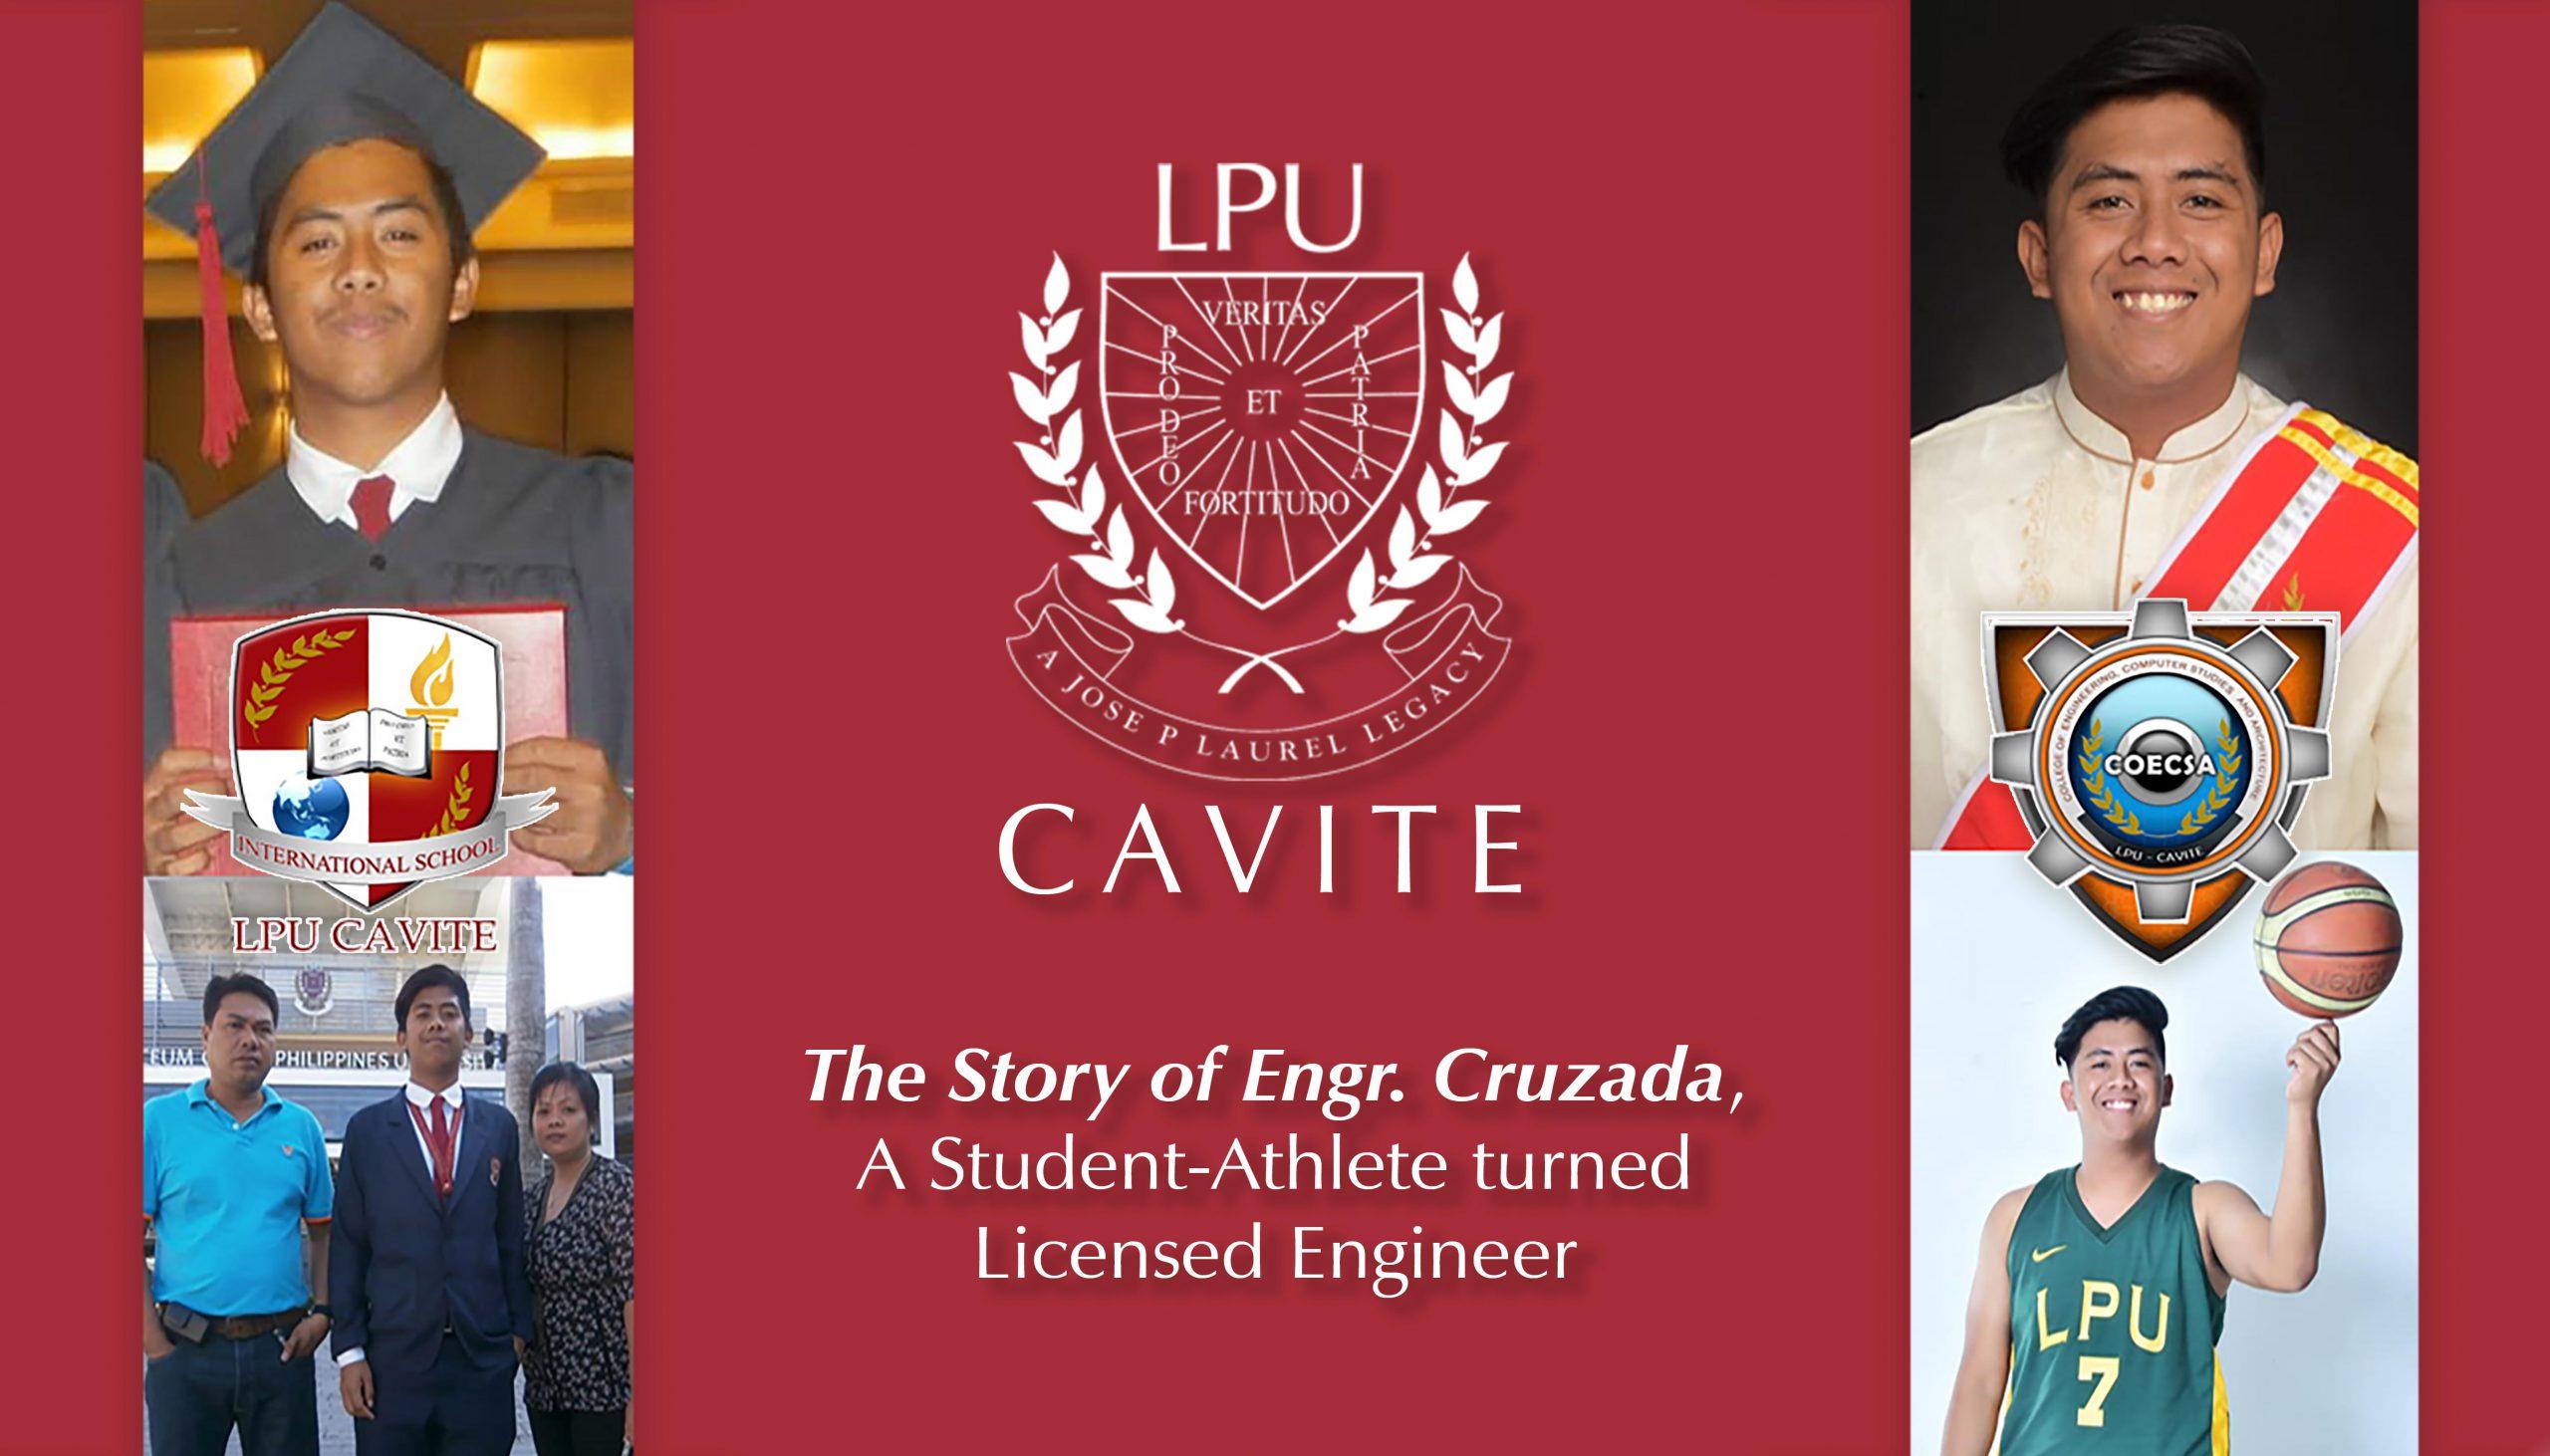 A Student-Athlete turned Licensed Engineer